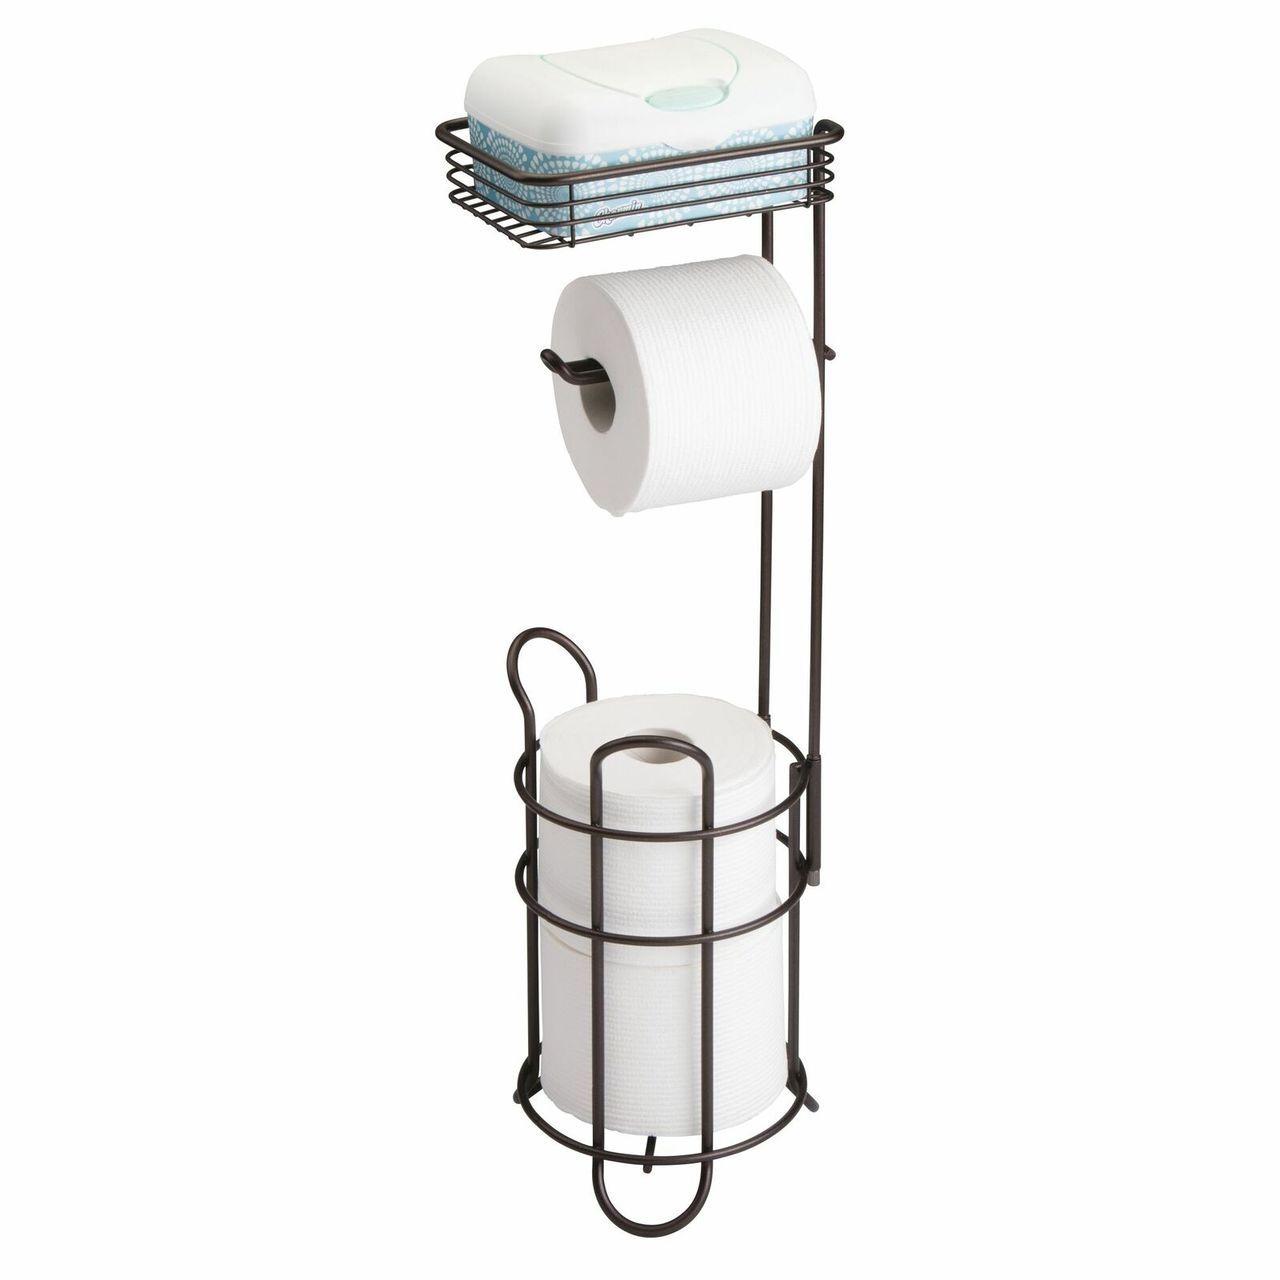 Toilet Tissue Paper Roll Dispenser Storage Shelf Free Standing Toilet Paper Holder Toilet Paper Holder Stand Toilet Paper Holder